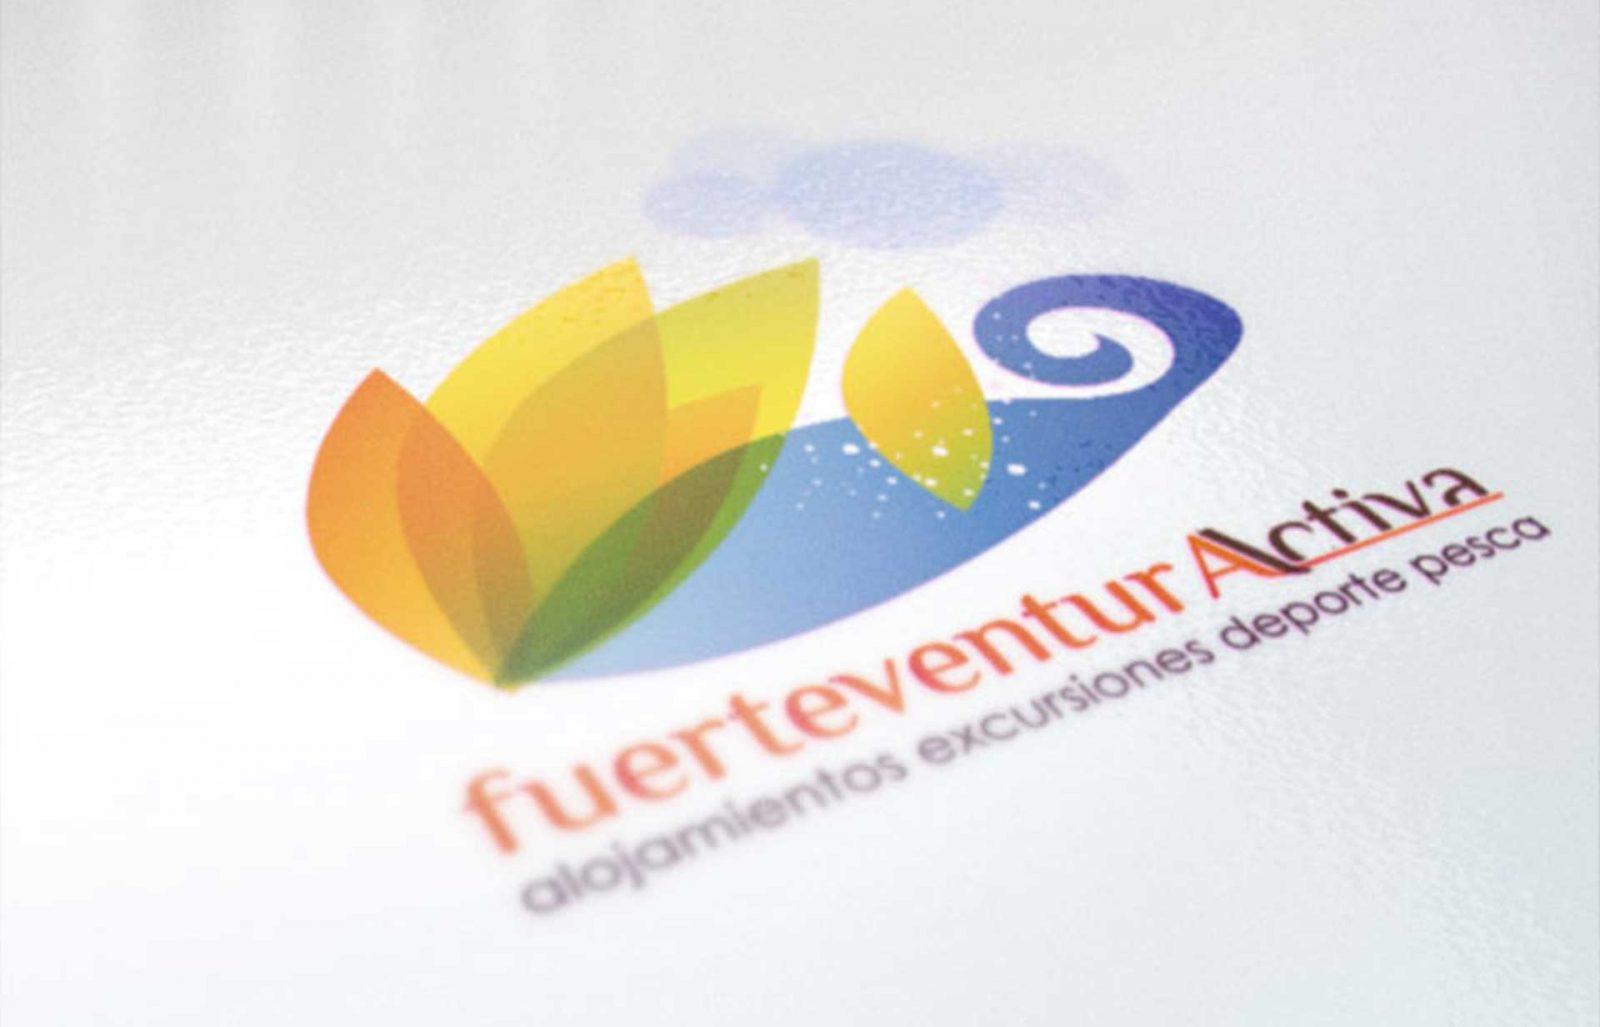 Alojamiento Fuerteventura y Turismo Canarias